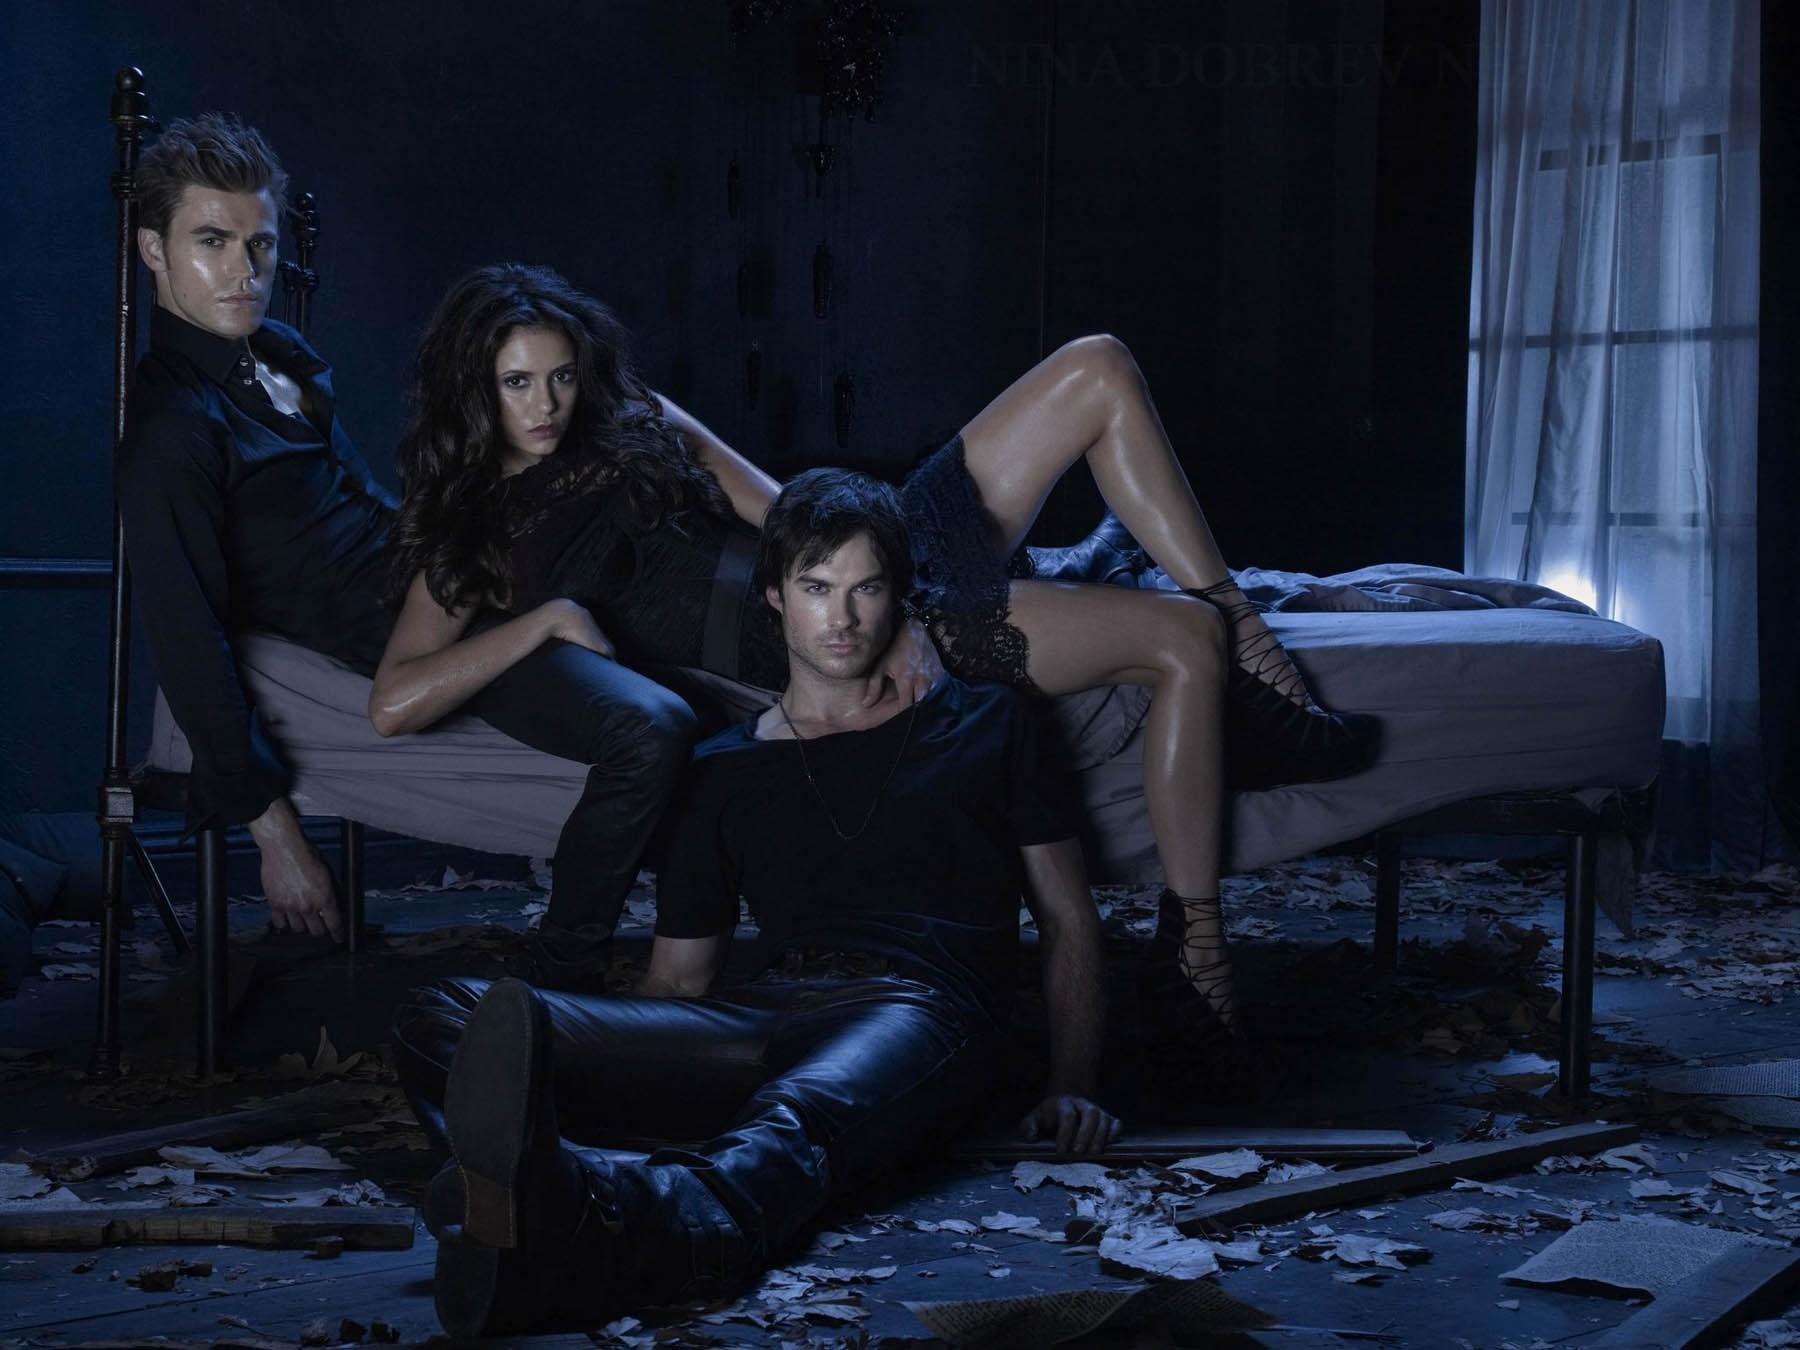 Wallpaper: versione sexy dei tre protagonisti di Vampire Diaries